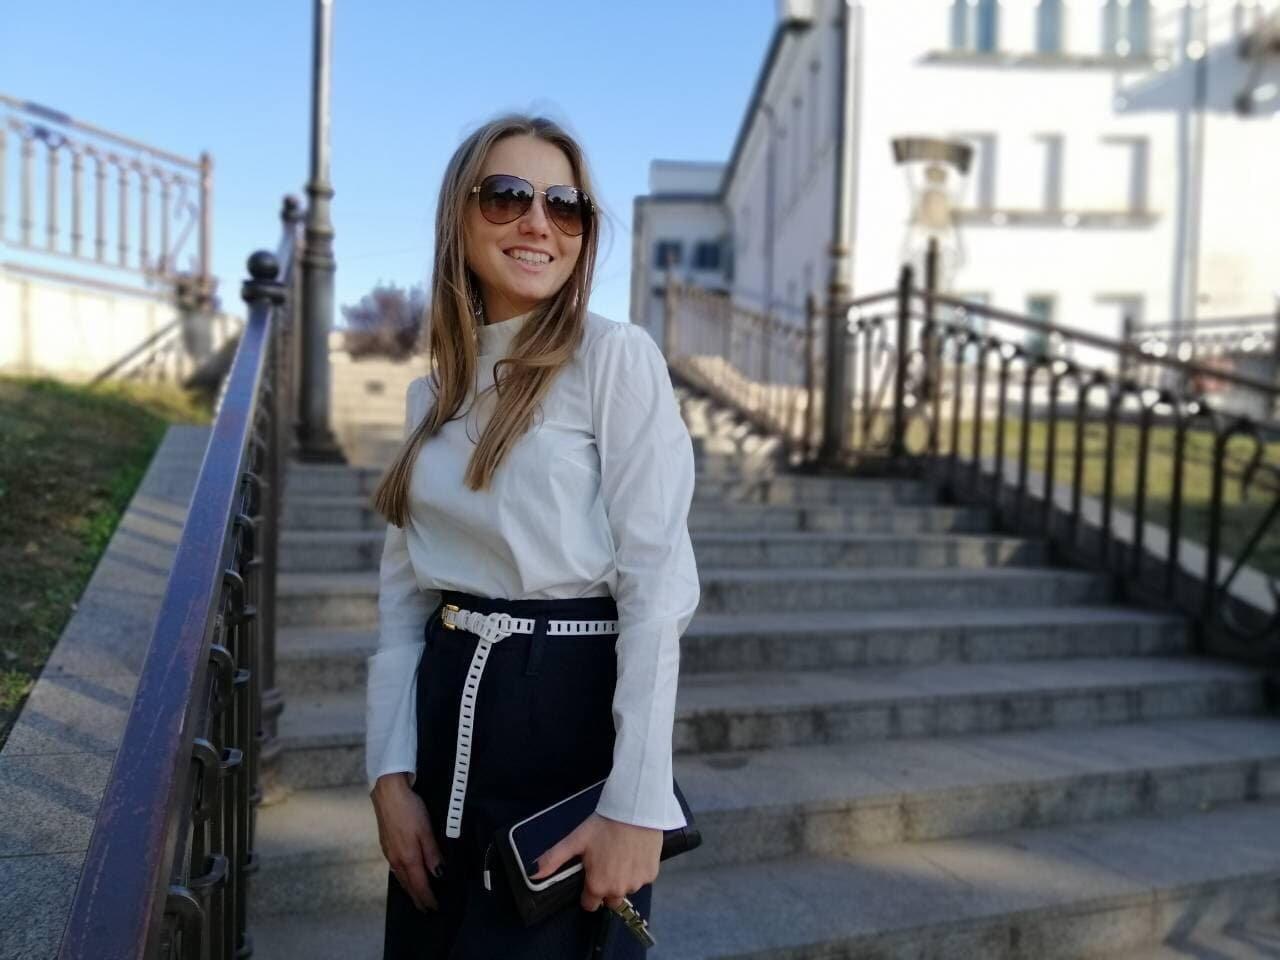 """Fashion&Profession: кто смог найти свой стиль в  ТРК """"Солнечная галерея""""  , фото-7"""